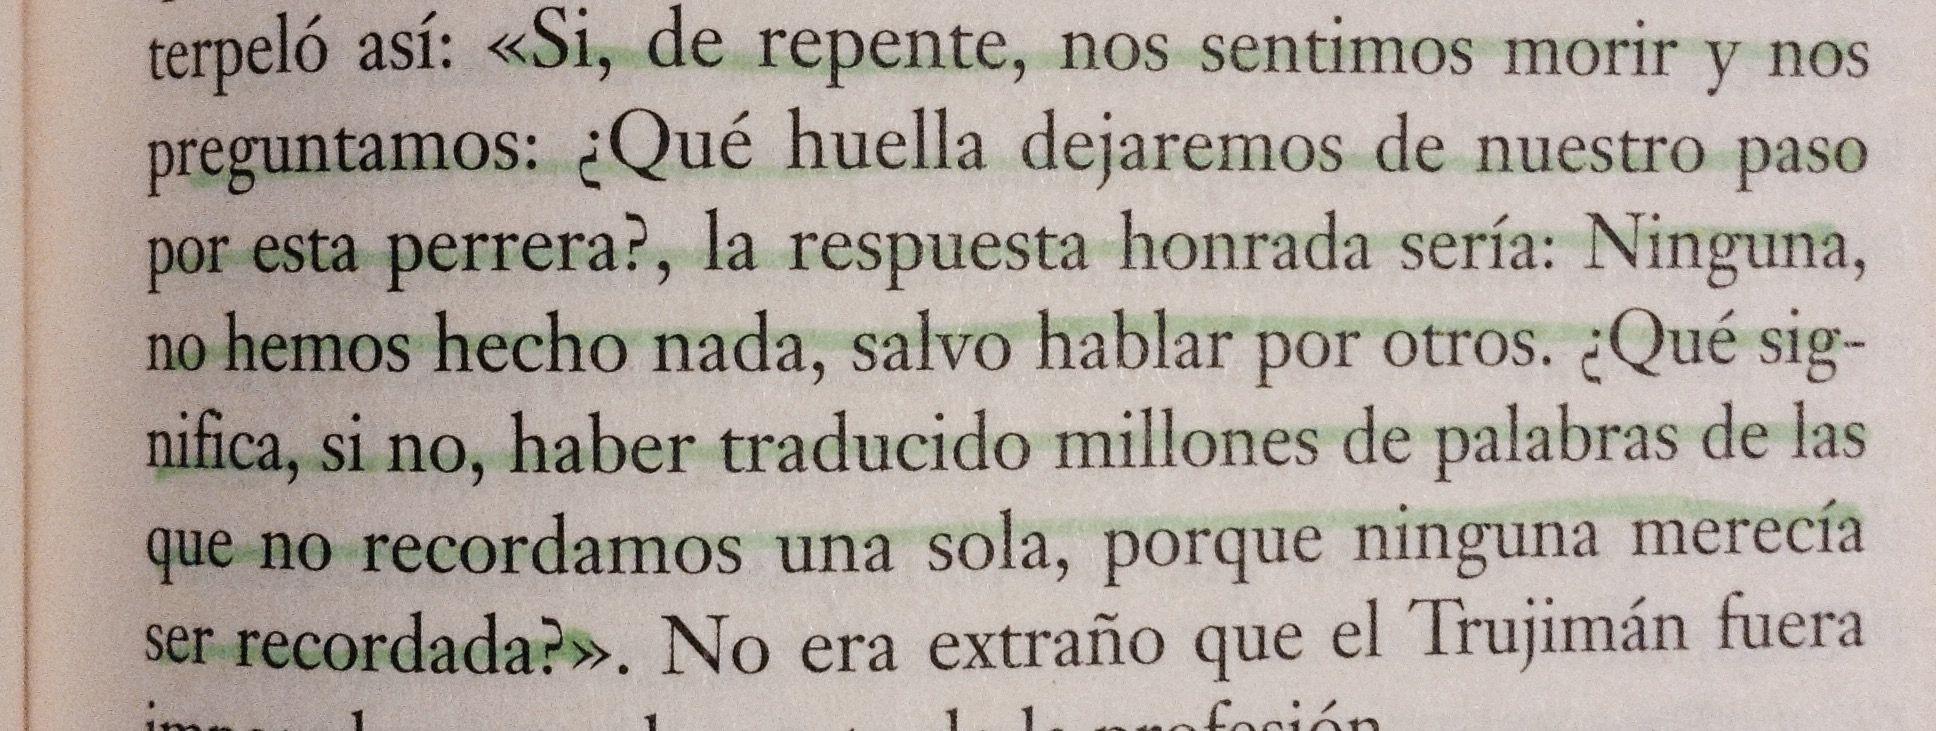 Travesuras De La Niña Mala Mario Vargas Llosa Niños